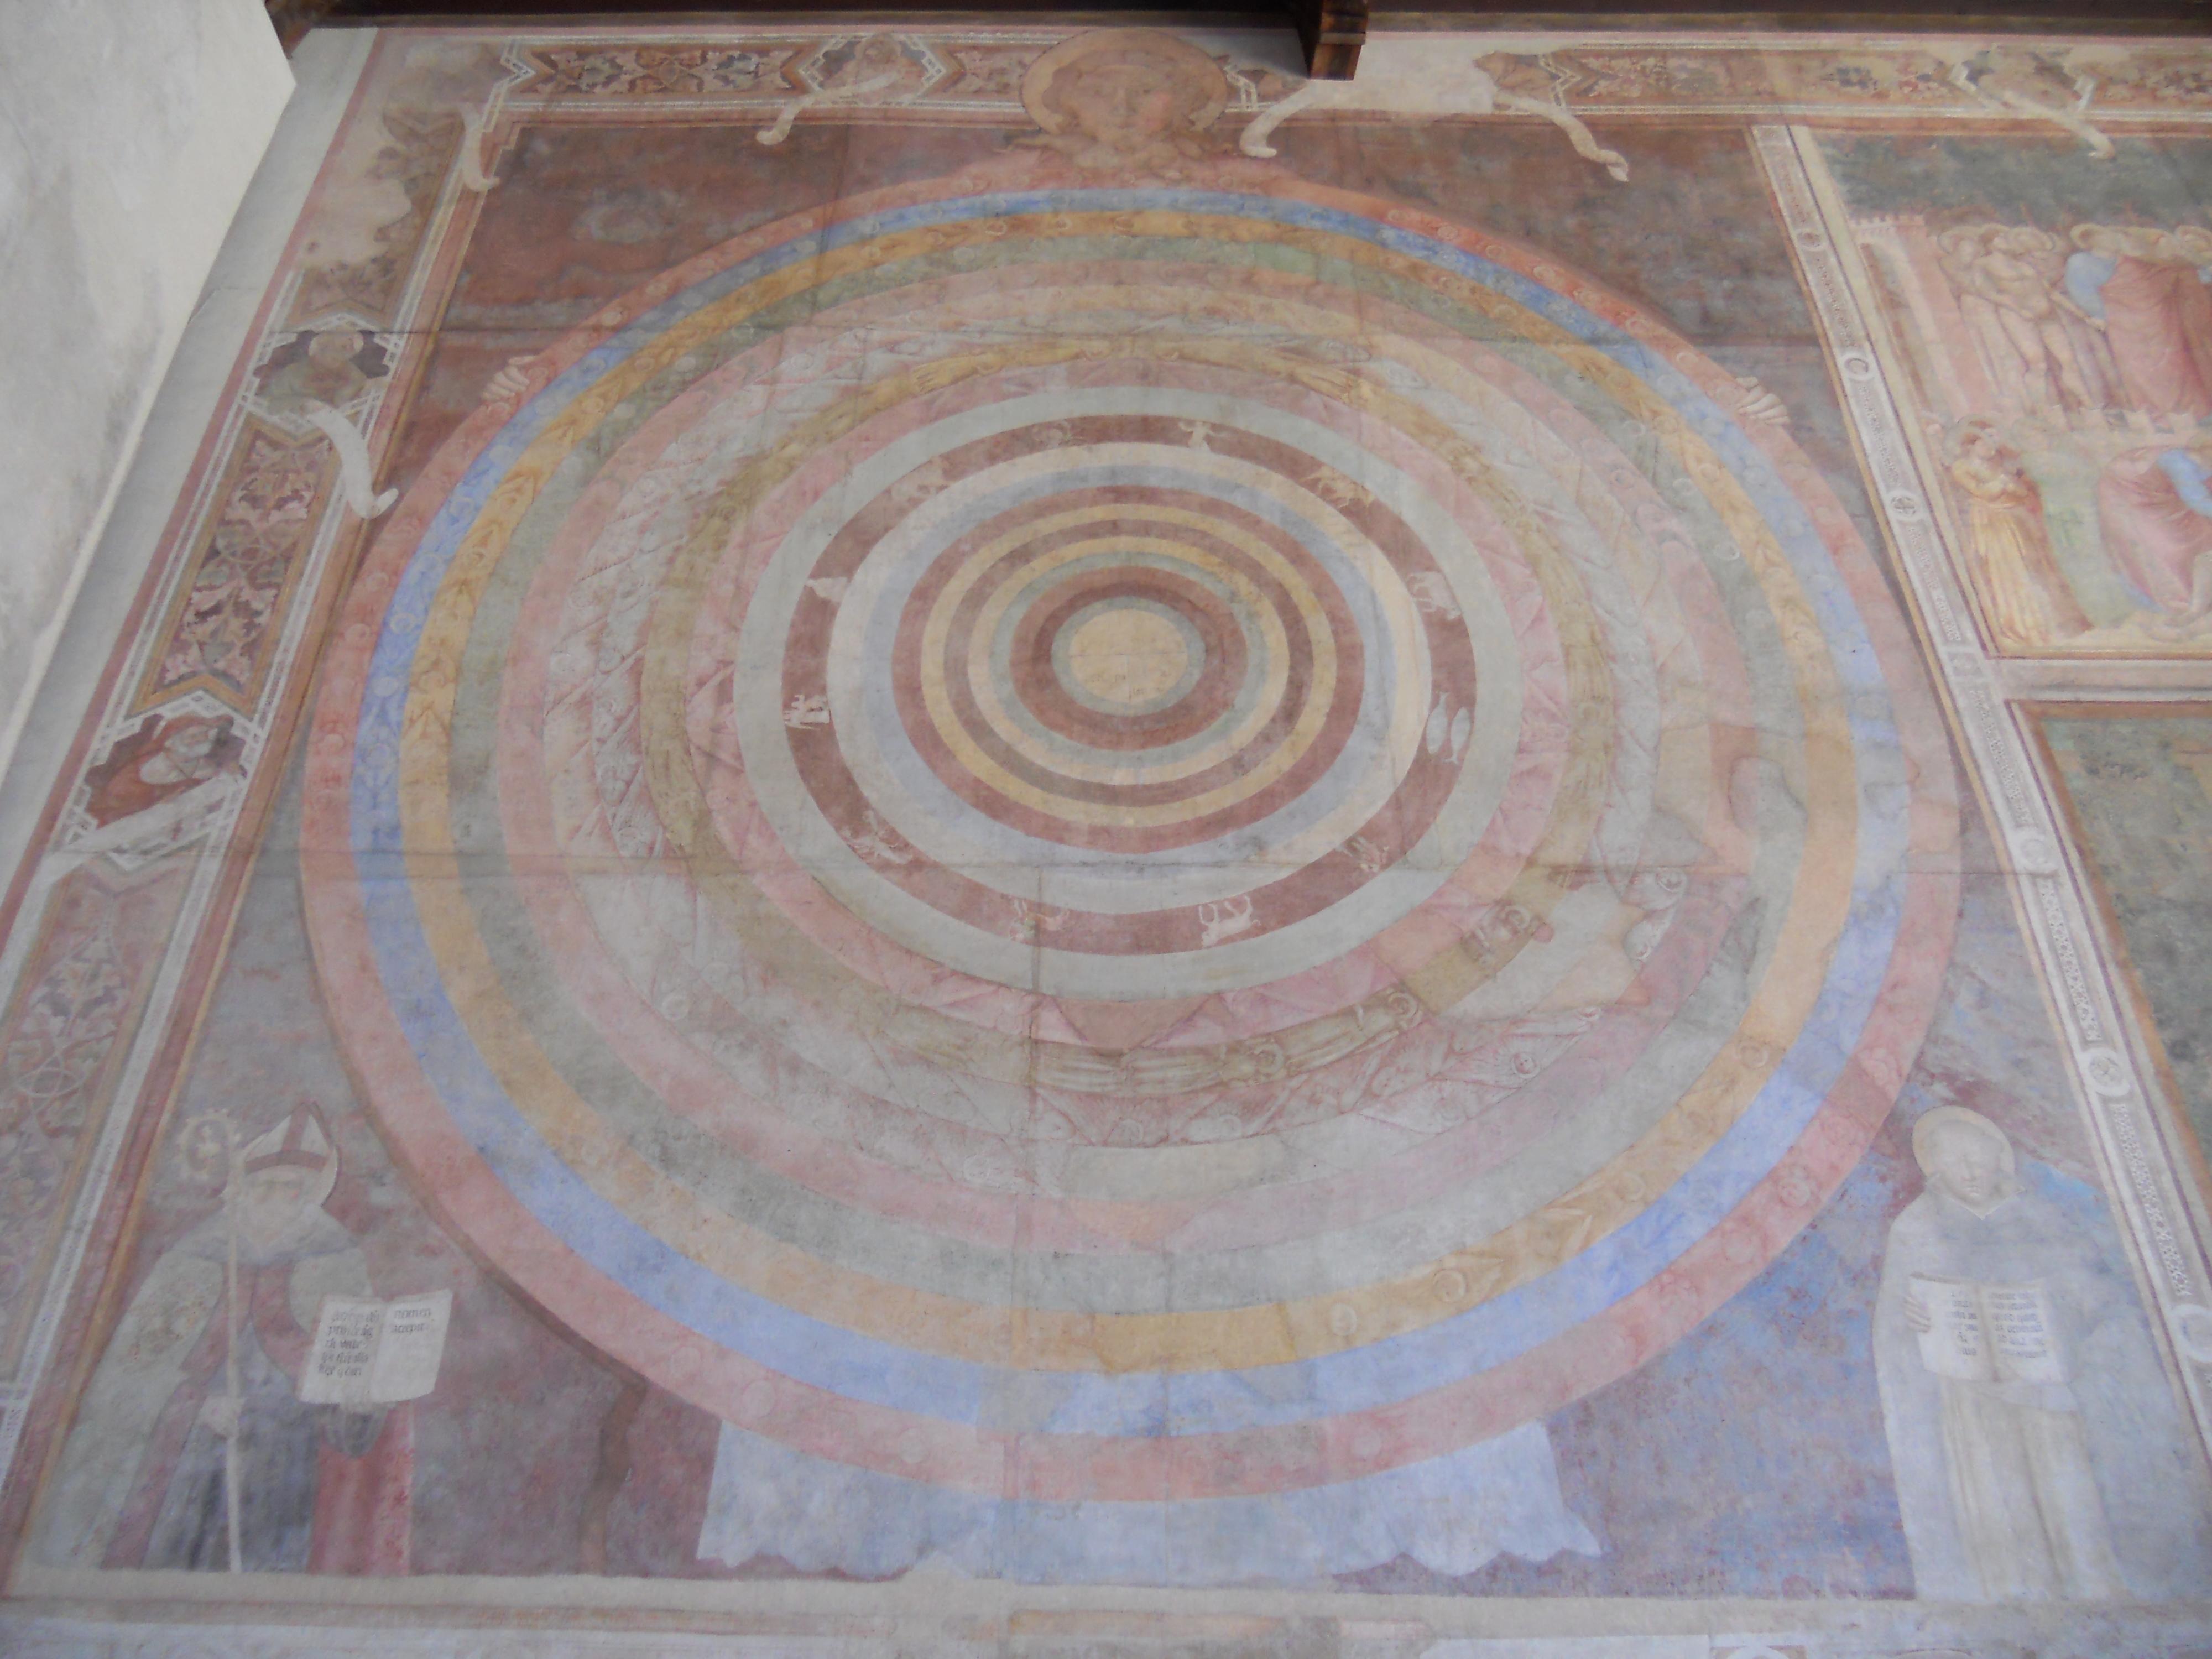 La teoría del Big bang formulada por un franciscano en 1225 Camposanto_monumentale_di_Pisa%2C_Piero_di_Puccio%2C_Cosmografia